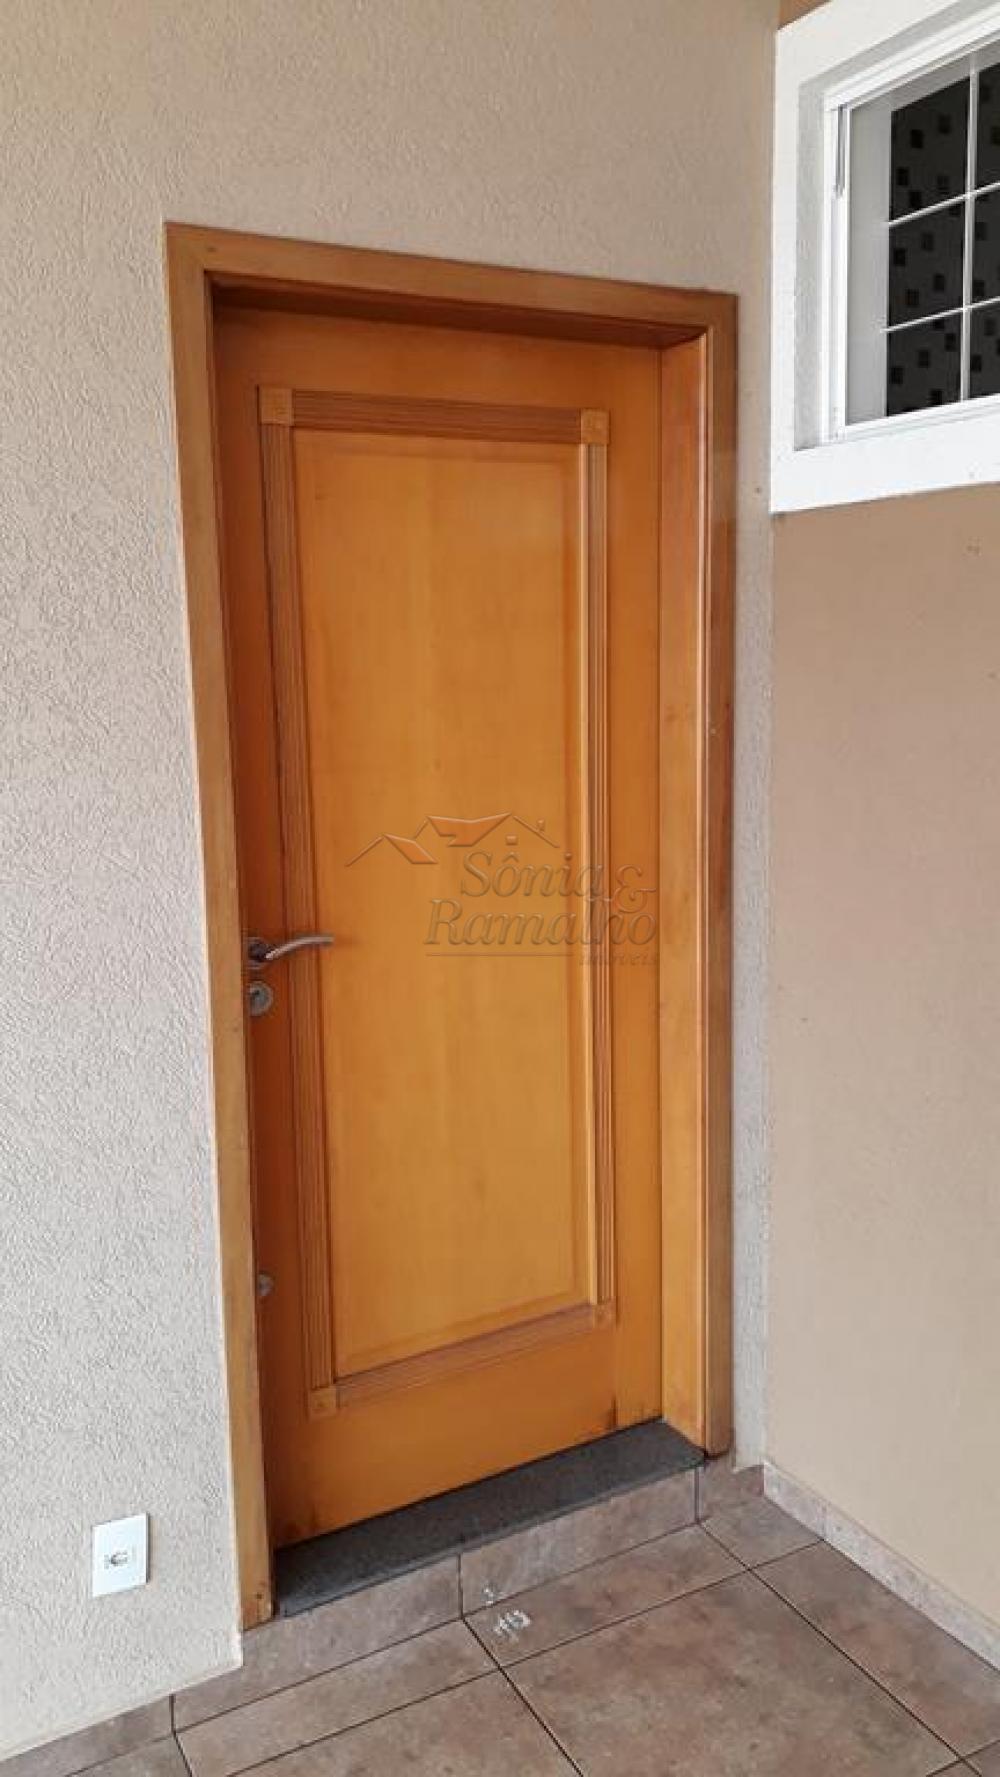 Alugar Casas / Padrão em Ribeirão Preto apenas R$ 3.300,00 - Foto 4